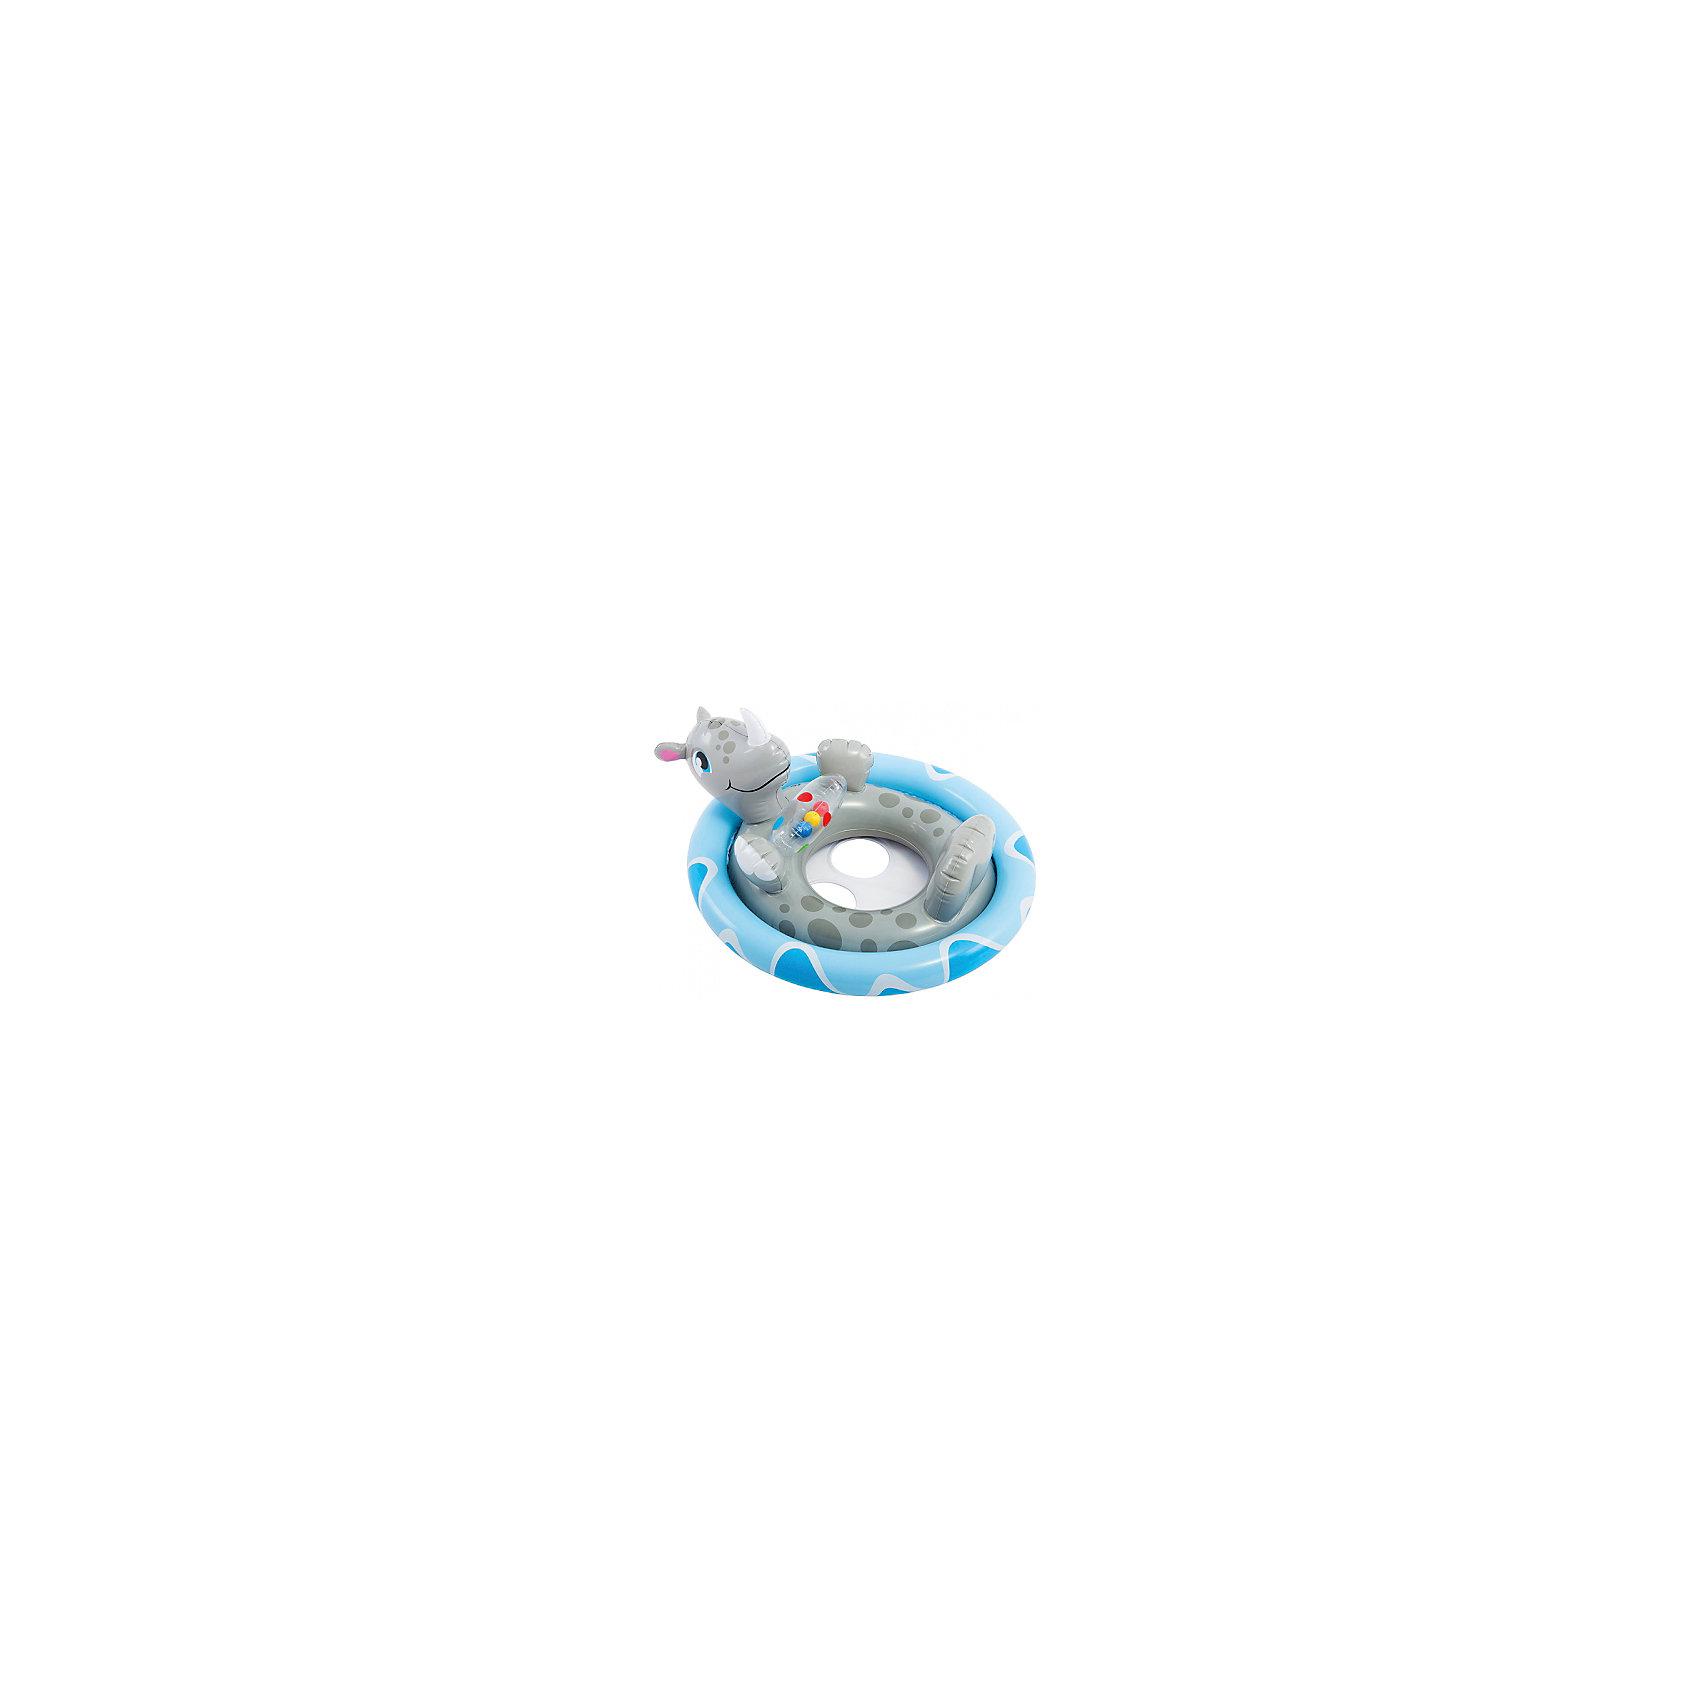 Надувной круг Носорог, с трусами, 77х58см, IntexКруги и нарукавники<br>Надувной круг Дельфин, с трусами, 77х58см, Intex (Интекс).<br><br>Характеристика:<br><br>• Материал: ПВХ. <br>• Размер: 77 х 58 см. <br>• Толщина покрытия: 0,25 мм. <br>• Удобные ручки. <br>• Отверстия для ног.<br>• Оригинальный привлекательный дизайн. <br>• Для детей 3-4 лет. <br><br>Оригинальный надувной круг в виде очаровательного дельфина - прекрасный вариант для плавания, игр и активного отдыха в воде. Специальные отверстия для ног позволяют посадить малыша в круг и надежно удержат даже самых непоседливых пловцов. Игрушка изготовлена из высококачественных нетоксичных прочных материалов безопасных для детей, легко и быстро сдувается и надувается, занимает мало места при хранении и транспортировке.<br><br>Надувной круг Дельфин, с трусами, 77х58см, Intex (Интекс) можно купить в нашем интернет-магазине.<br><br>Ширина мм: 317<br>Глубина мм: 260<br>Высота мм: 50<br>Вес г: 494<br>Возраст от месяцев: 36<br>Возраст до месяцев: 60<br>Пол: Унисекс<br>Возраст: Детский<br>SKU: 5501929